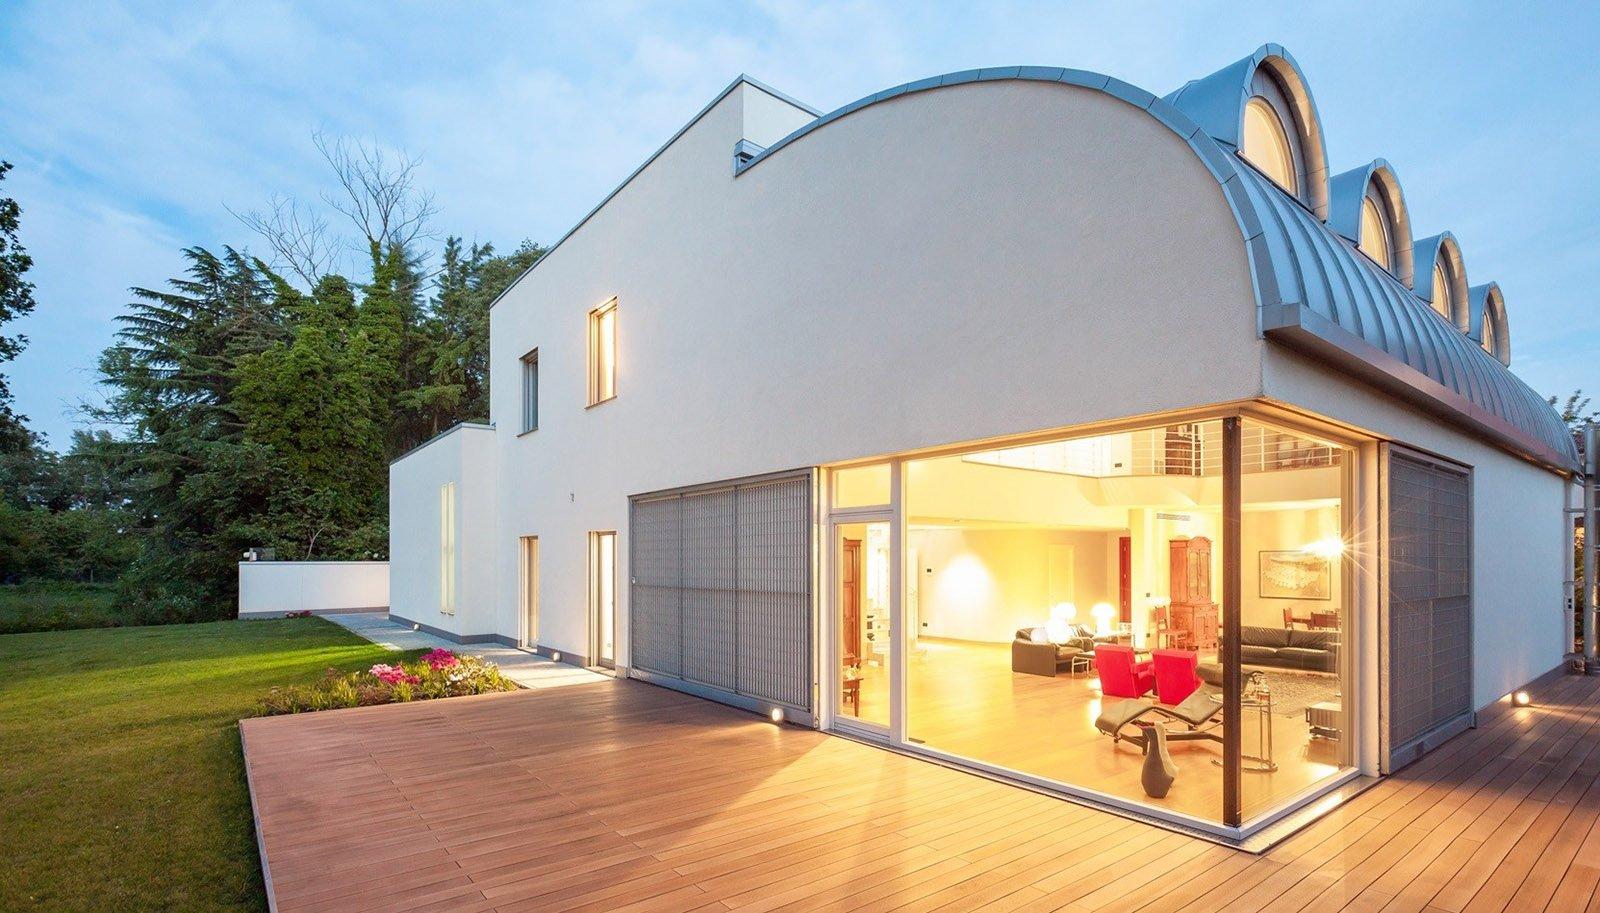 Casa bio su misura 1 cose di casa for Strutture case moderne